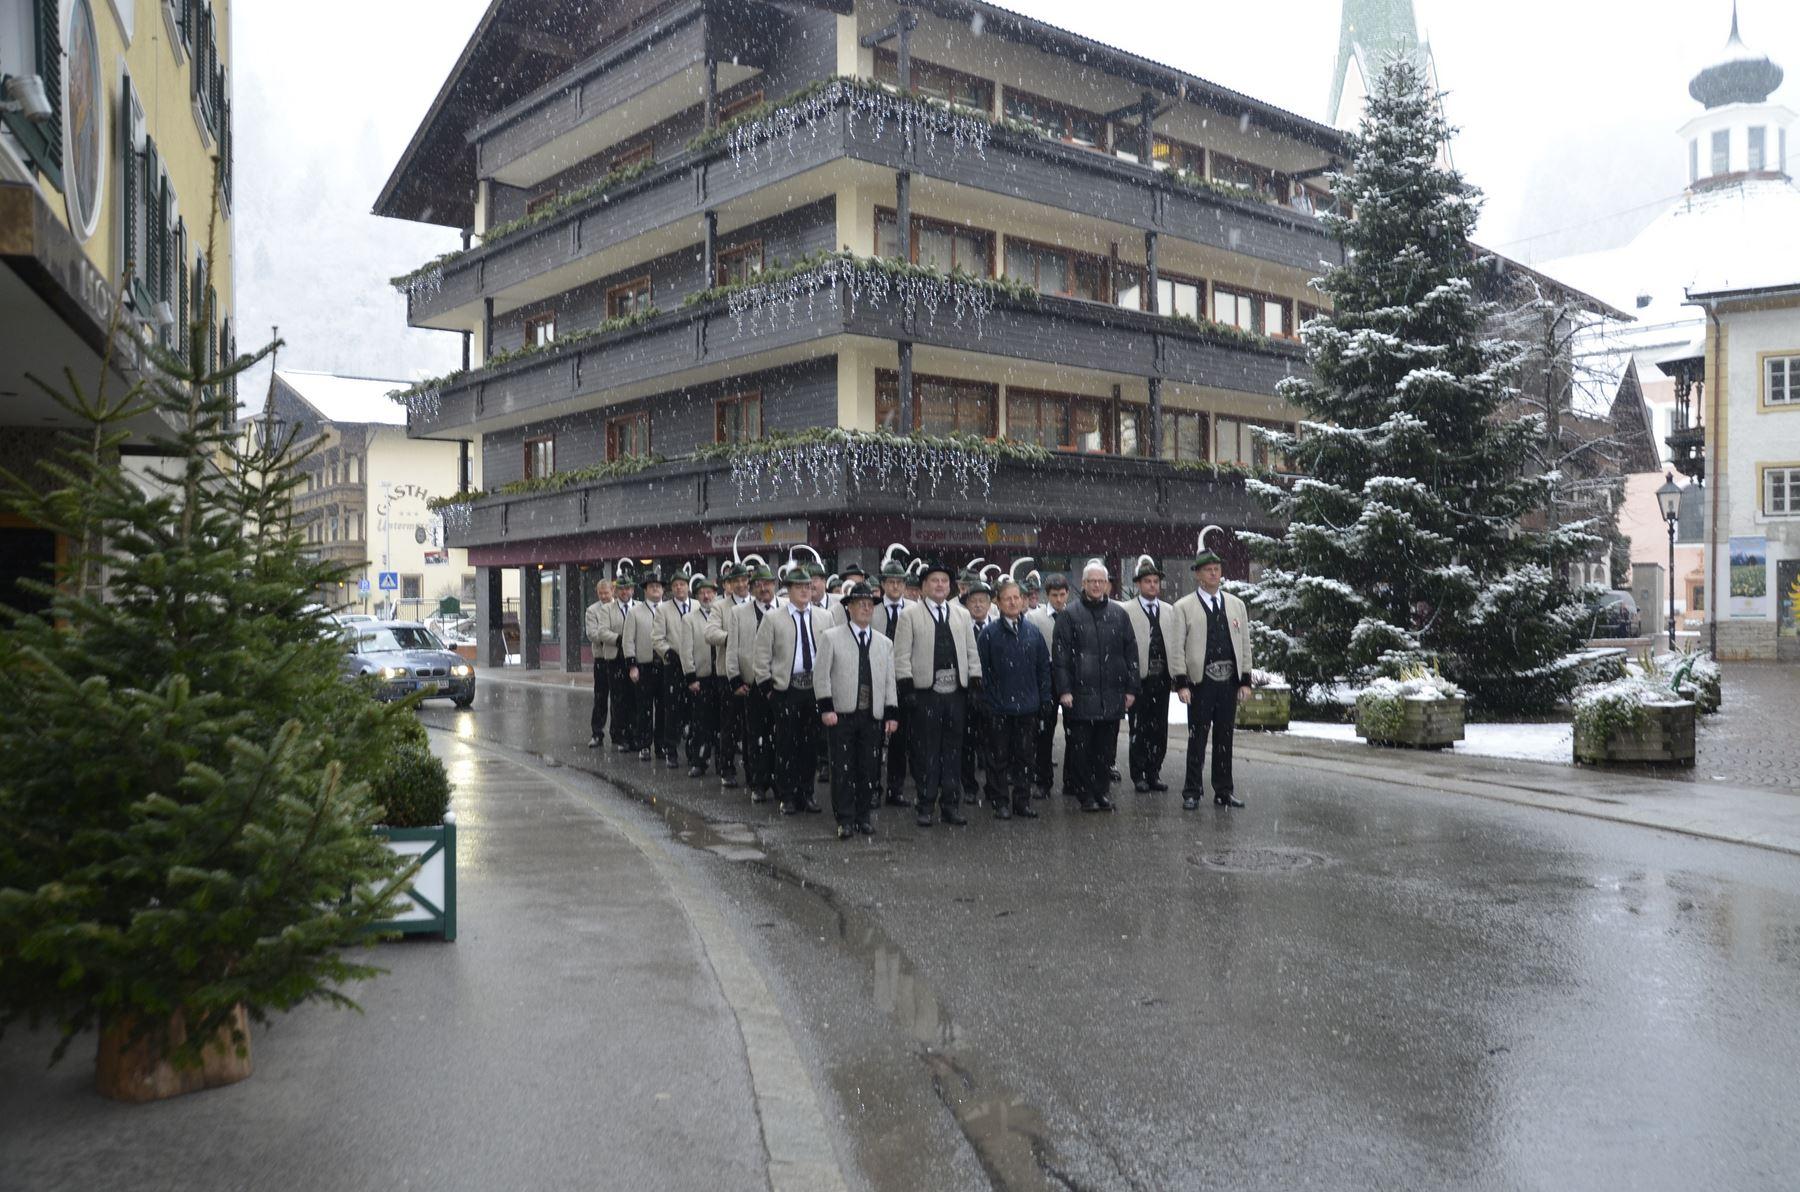 2015-01-25 Jahreshauptversammlung 029 (Kopie)